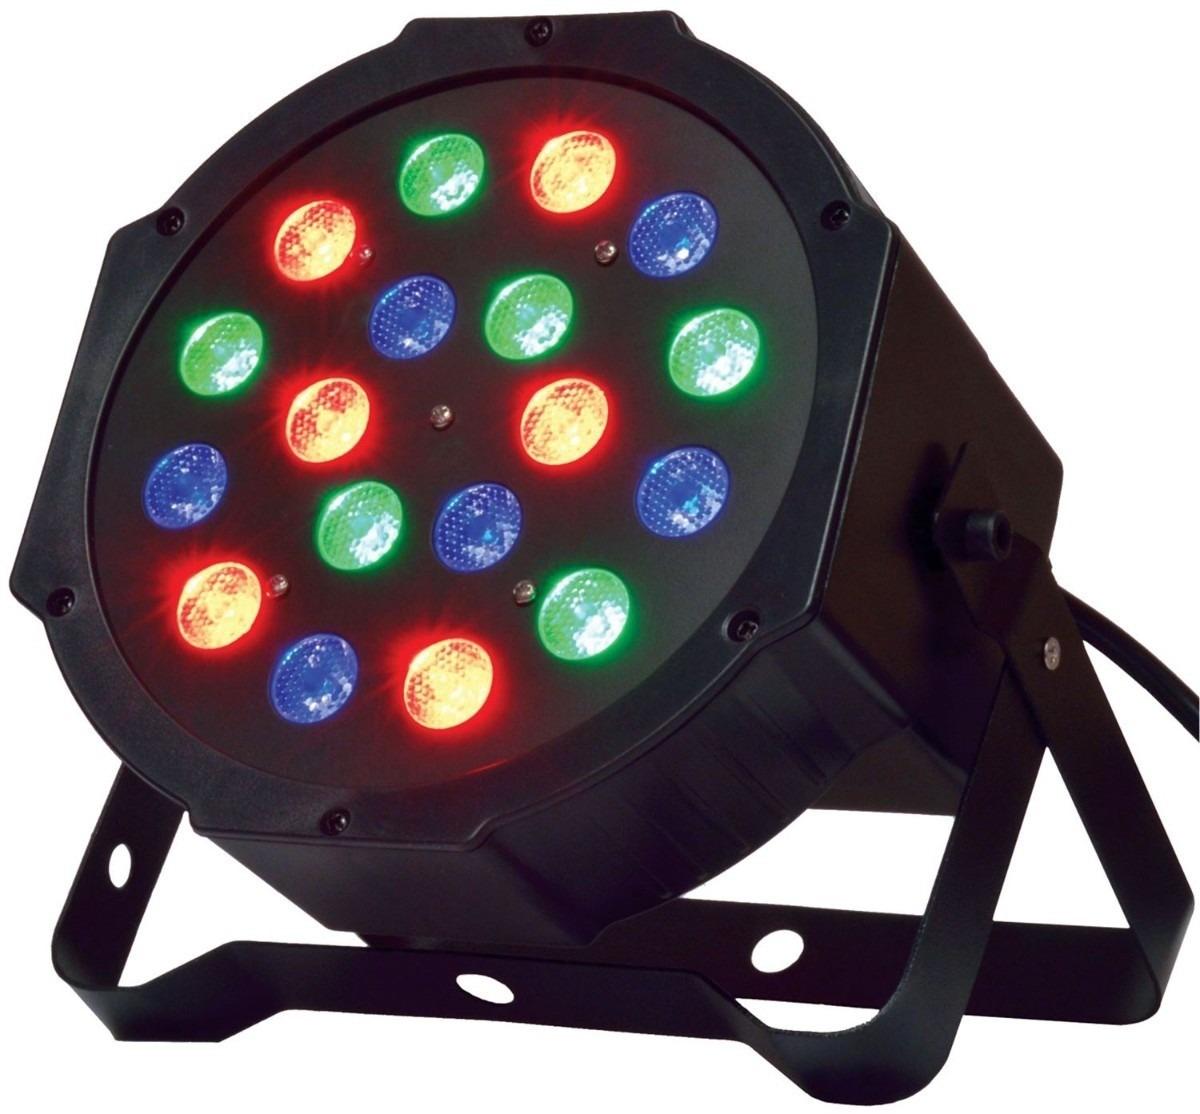 tacho-par-led-big-dipper-proton-18x1-dmx-rgb-dj-luces-fiesta-D_NQ_NP_18358-MLA20152971431_082014-F